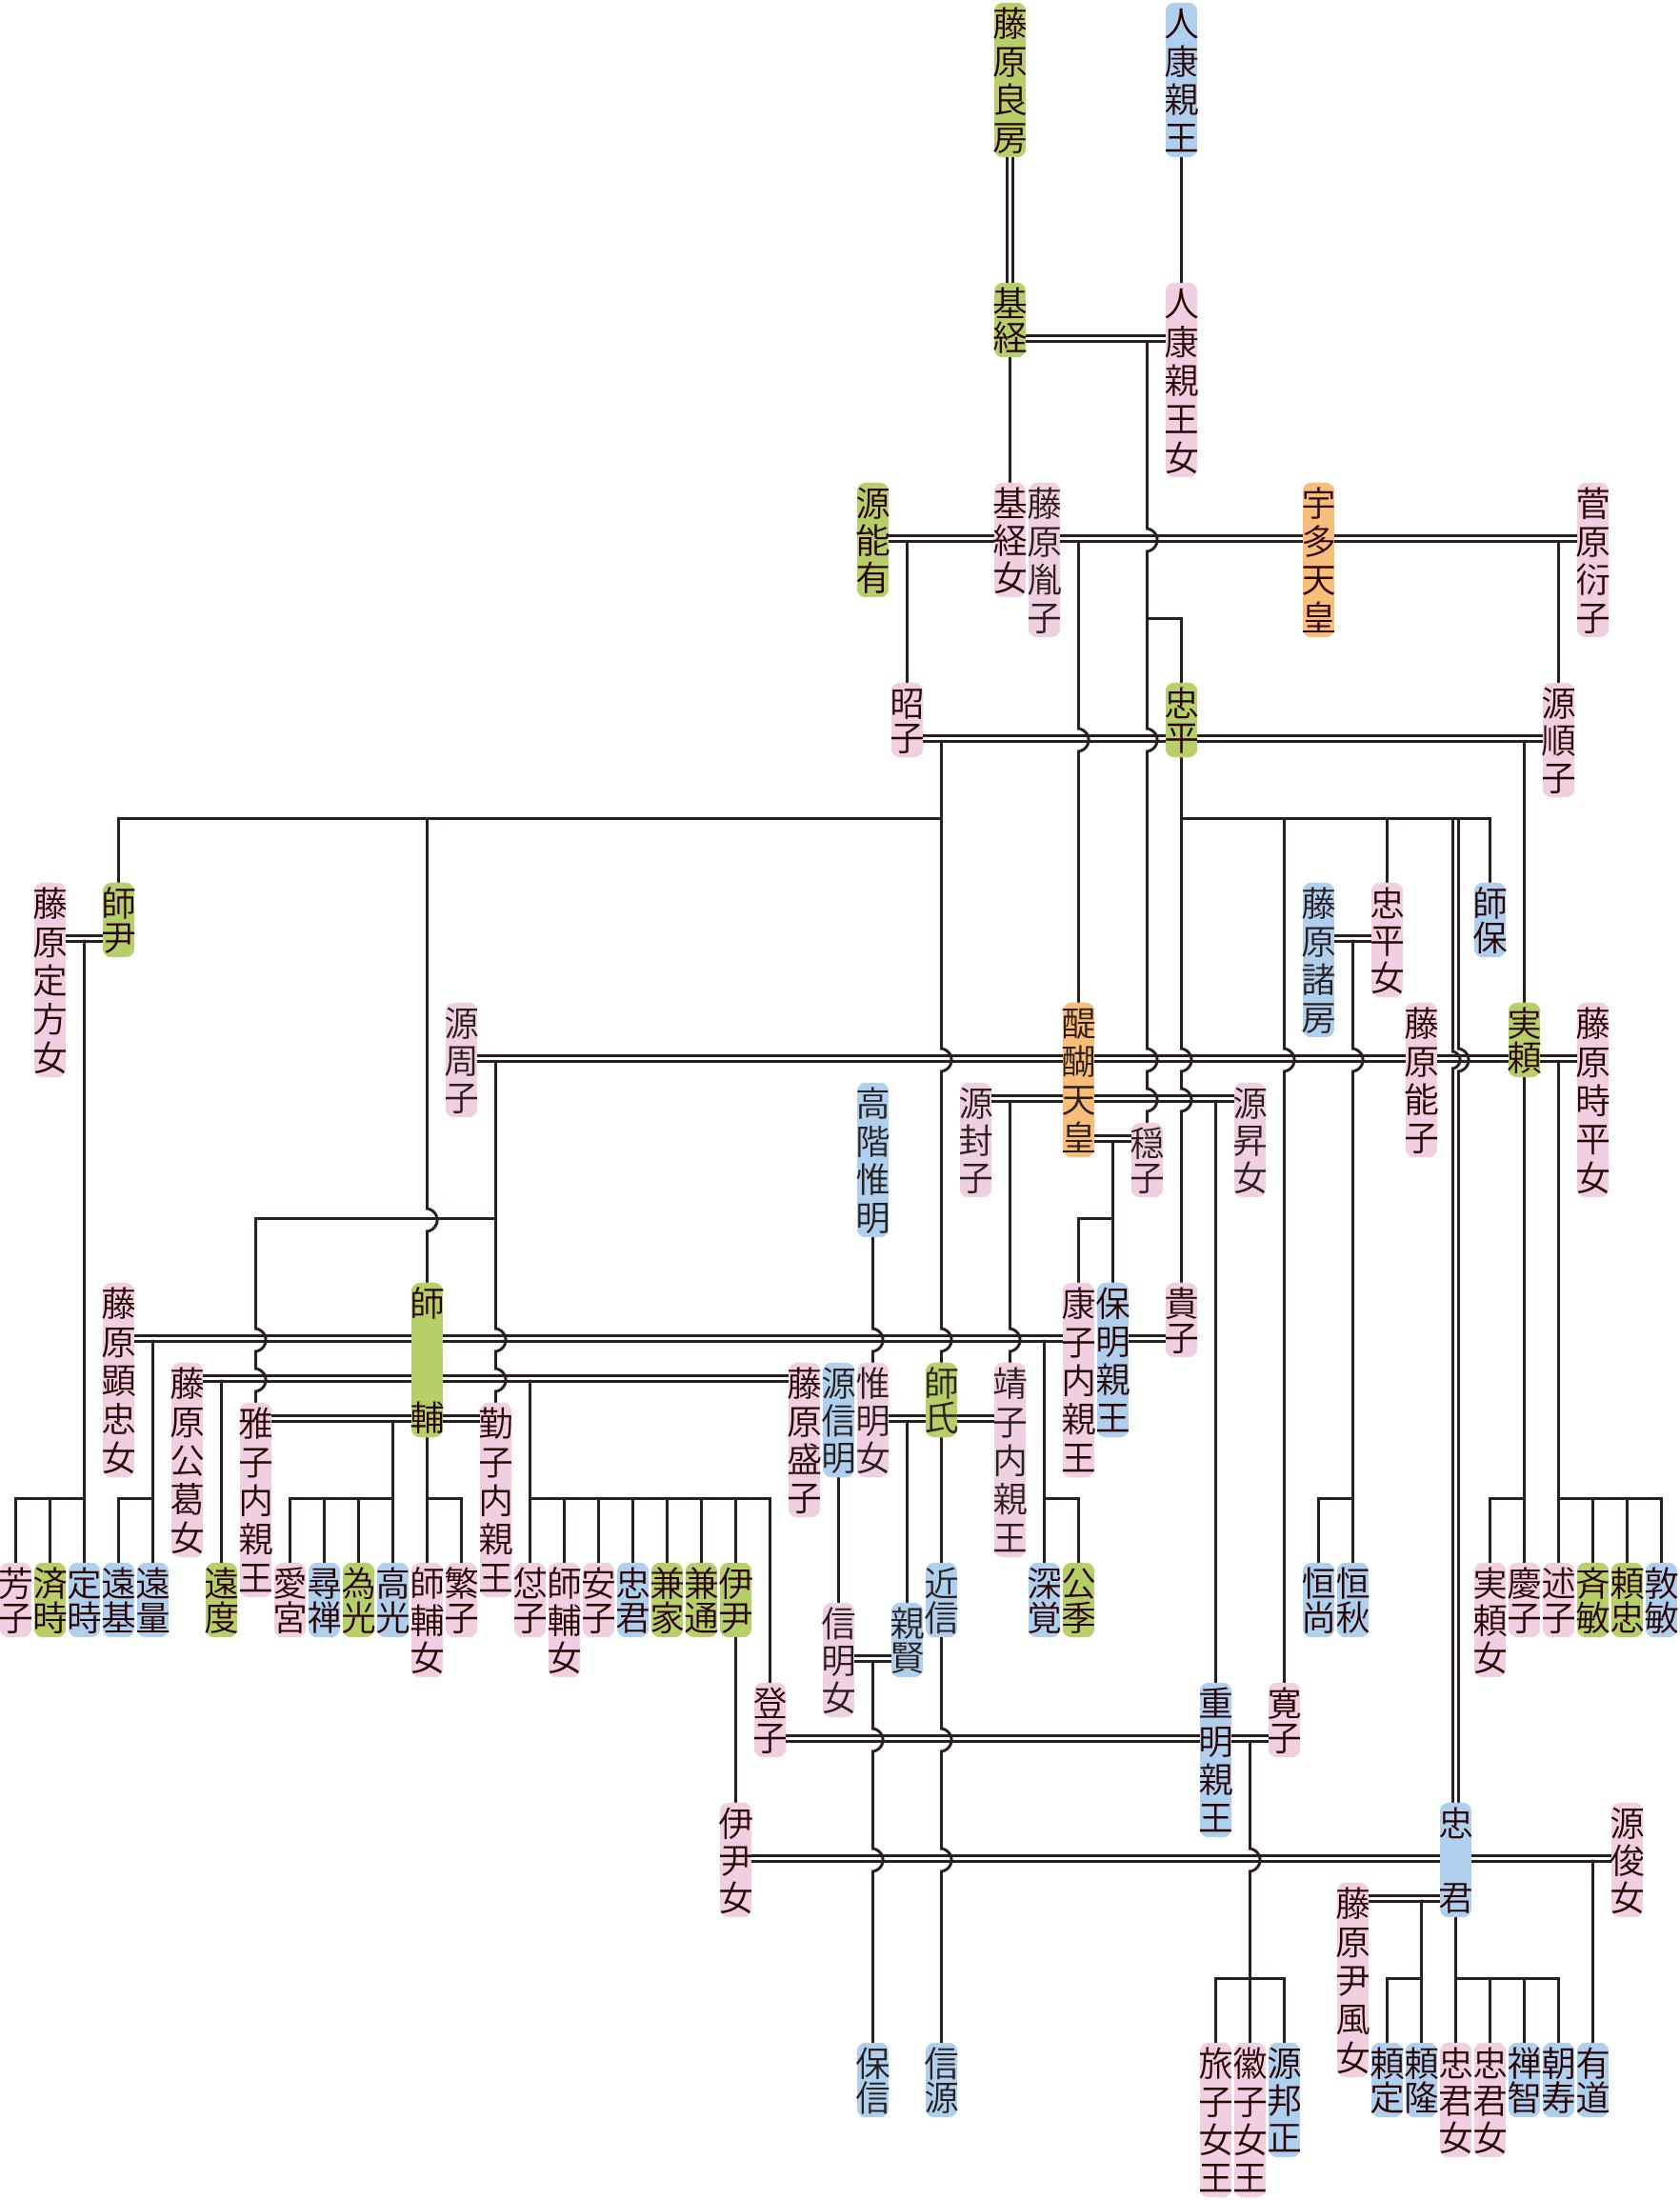 藤原忠平の系図